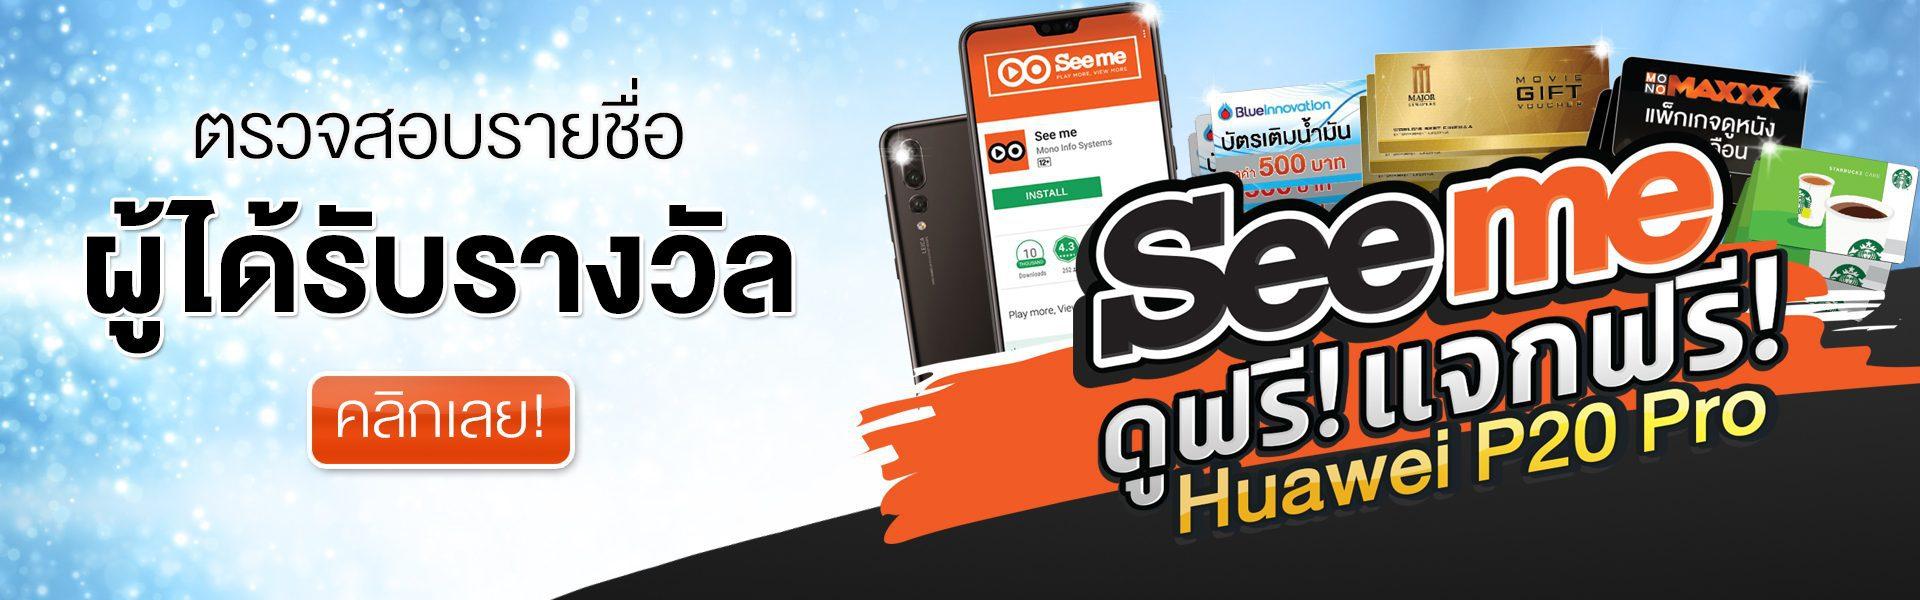 """ตรวจสอบผู้โชคดีกิจกรรม """"Seeme ดูฟรี แจกฟรี Huawei P20 Pro"""""""